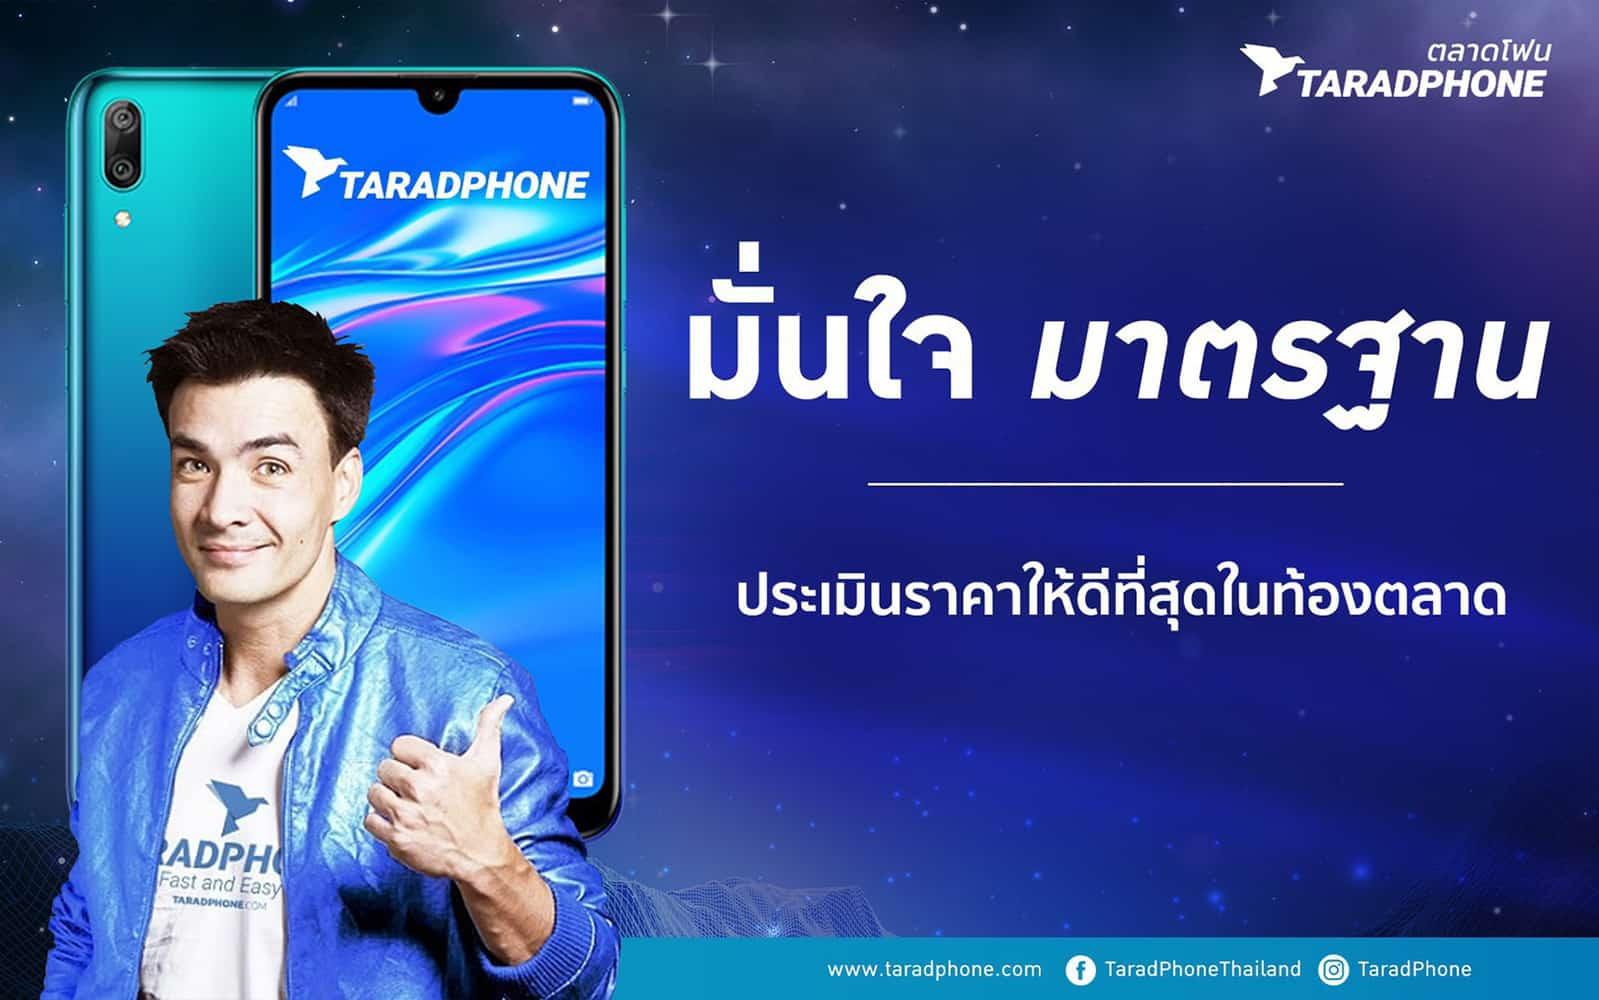 รูป taradphone munjai 2 ประกอบเนื้อหา Taradphone.com เร่งสร้างมาตรฐานตรวจเช็คคุณภาพ เ พิ่มความมั่นใจลูกค้าทั่วประเทศ